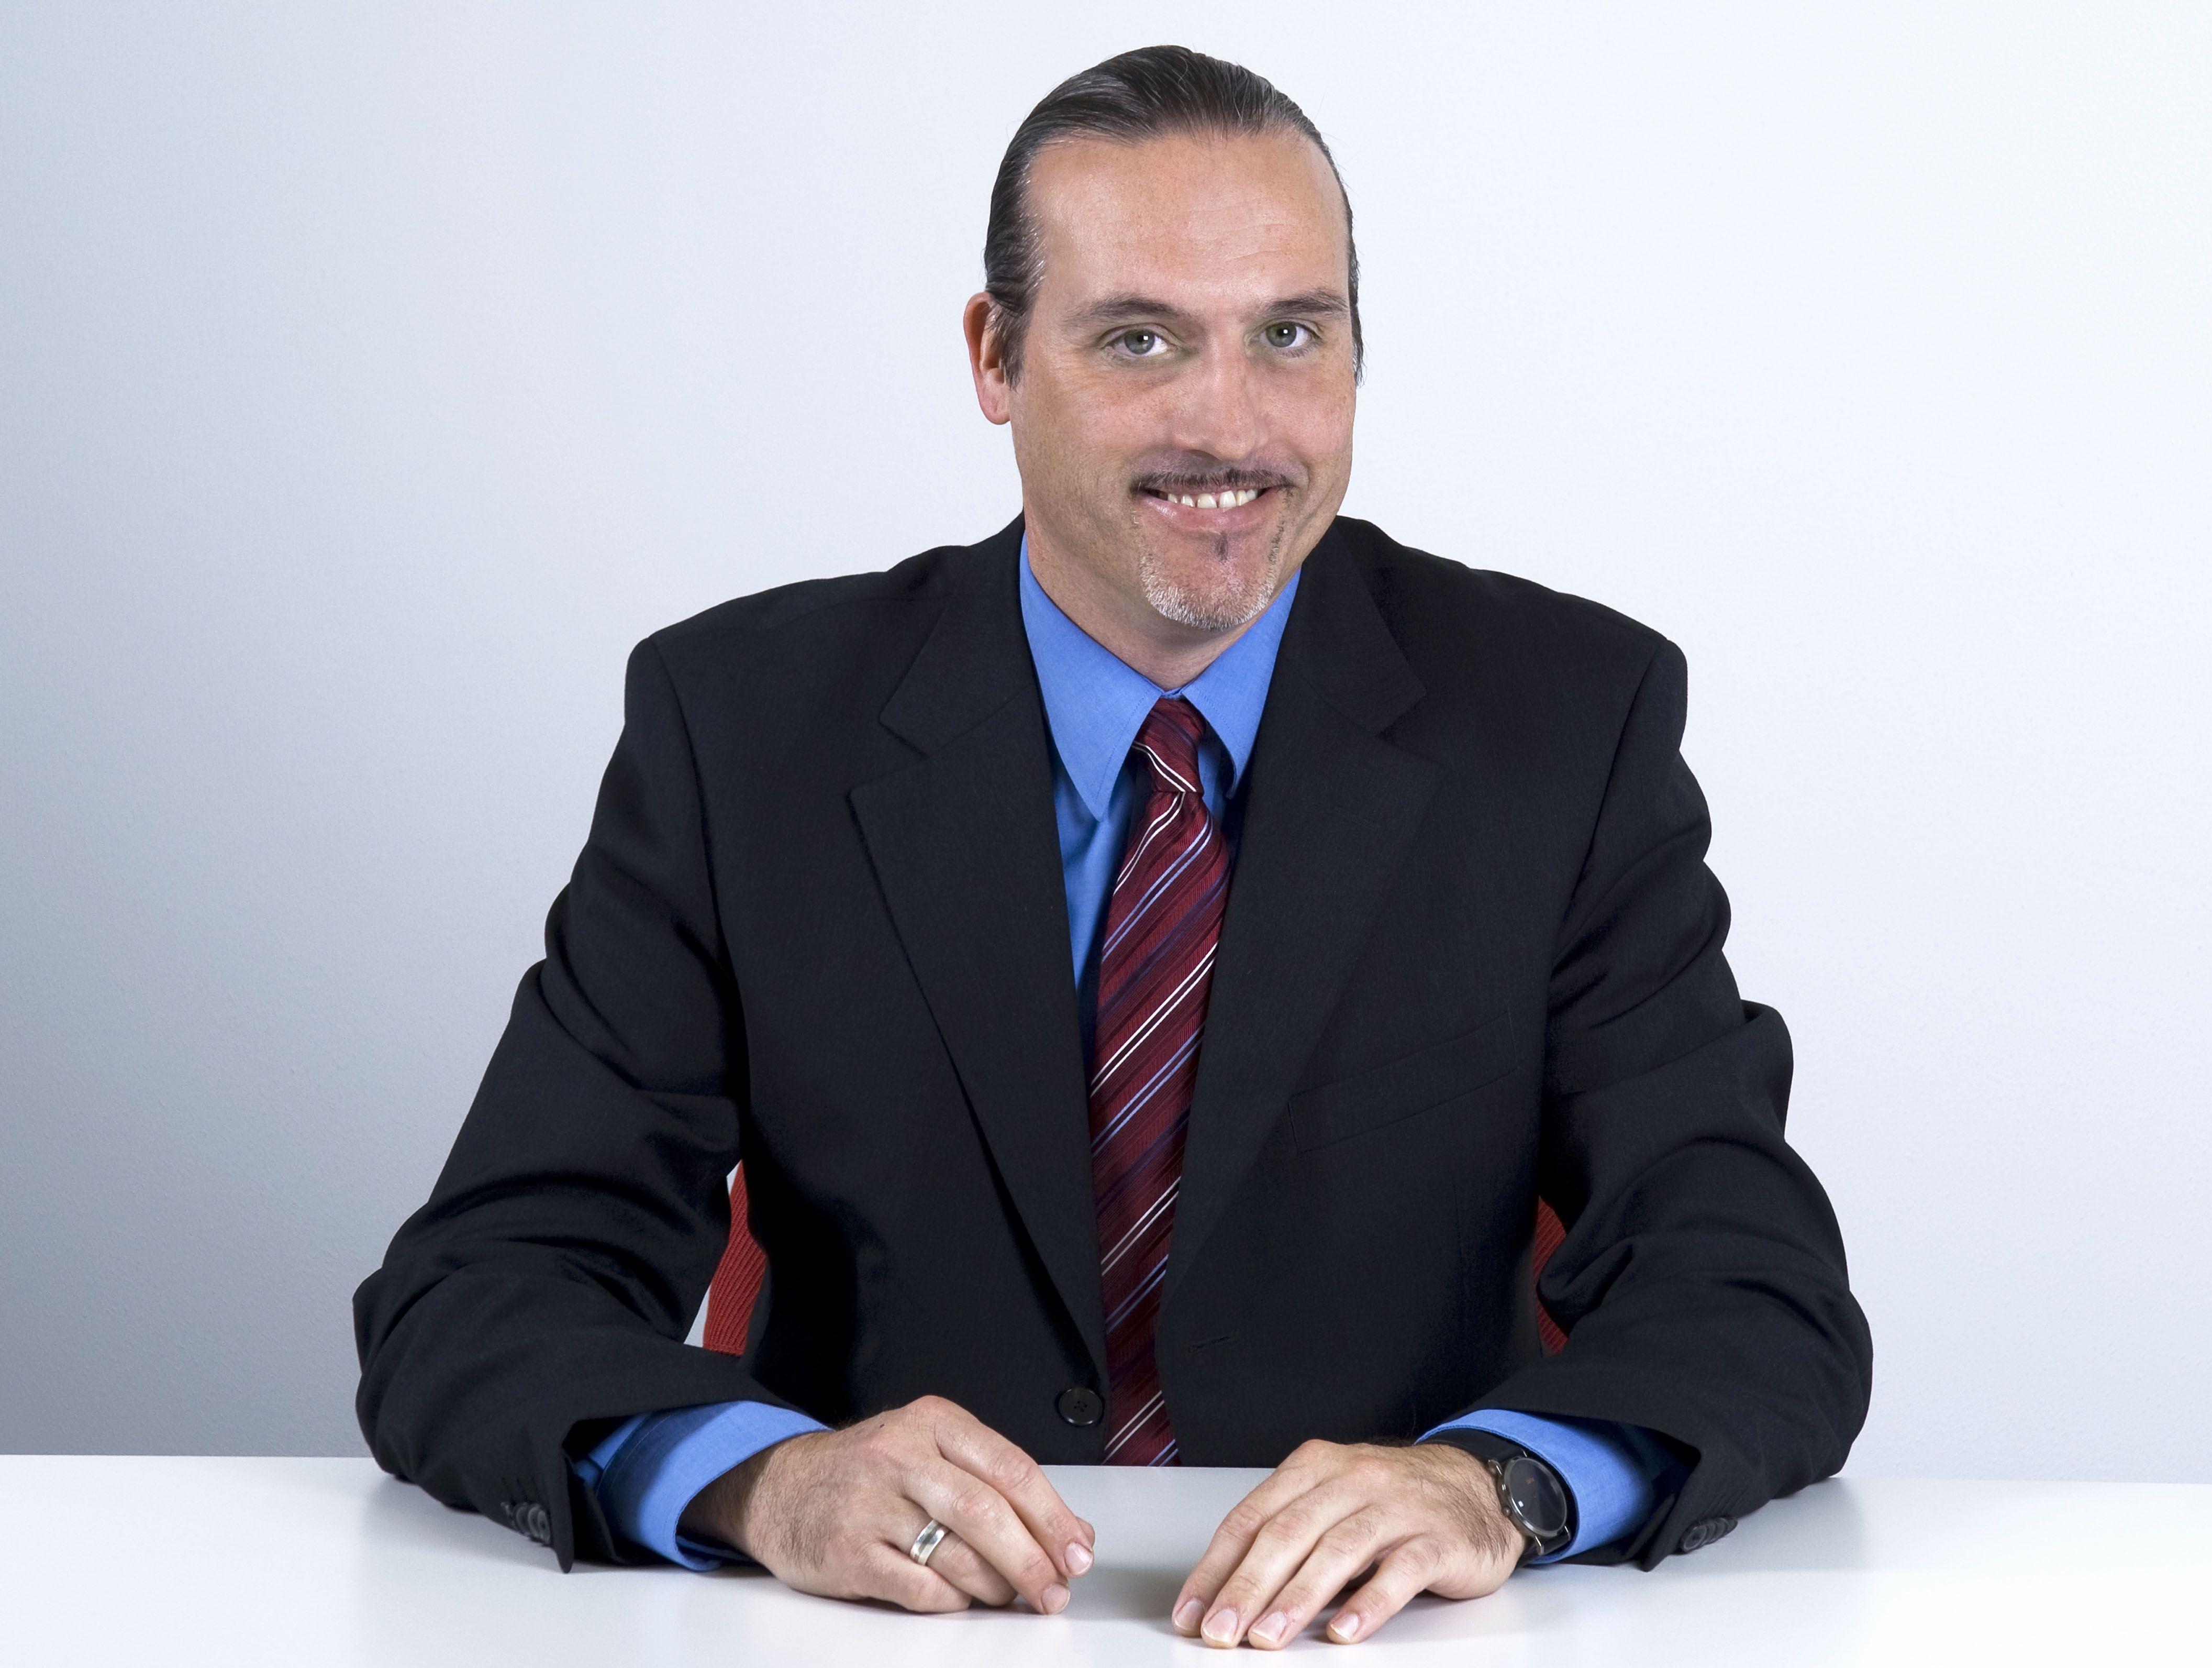 Christian Rützel ist Abteilungsleiter Marketing Durchfluss bei Endress+Hauser